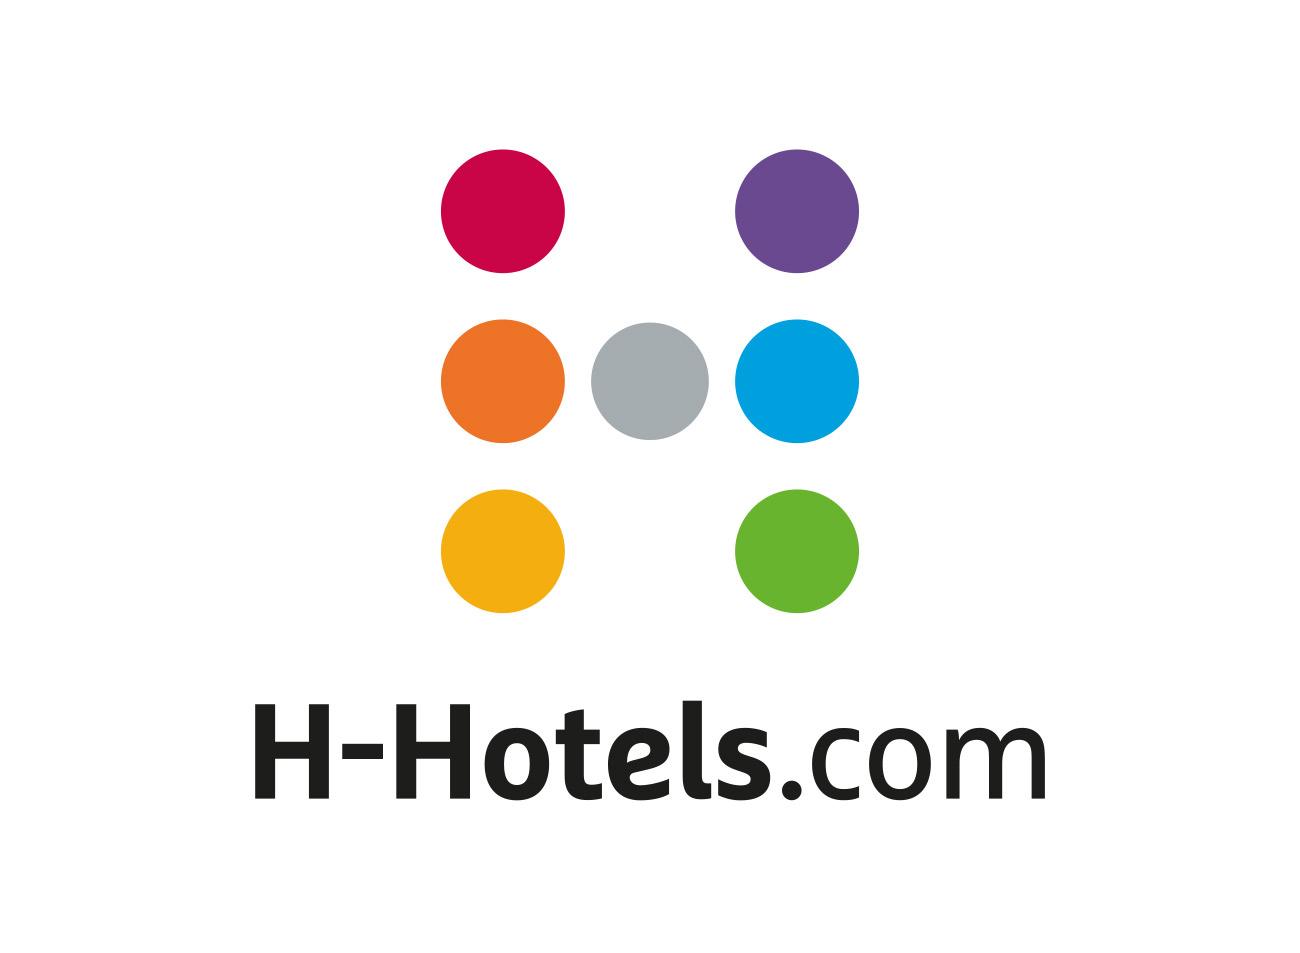 H-Hotels.com Logo, Quelle: H-Hotels.com